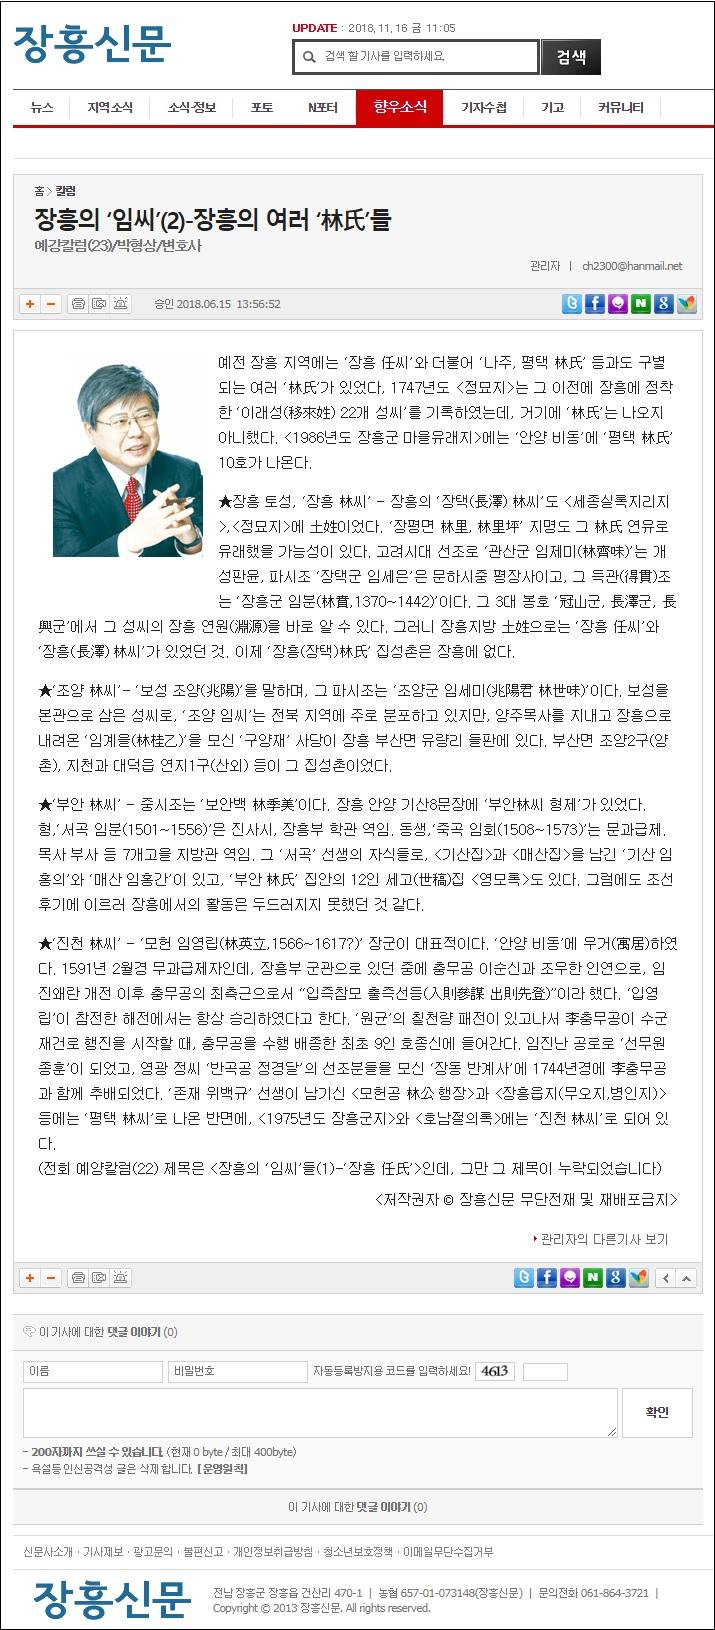 장흥의 '임씨'(2)-장흥의 여러 '林氏'들